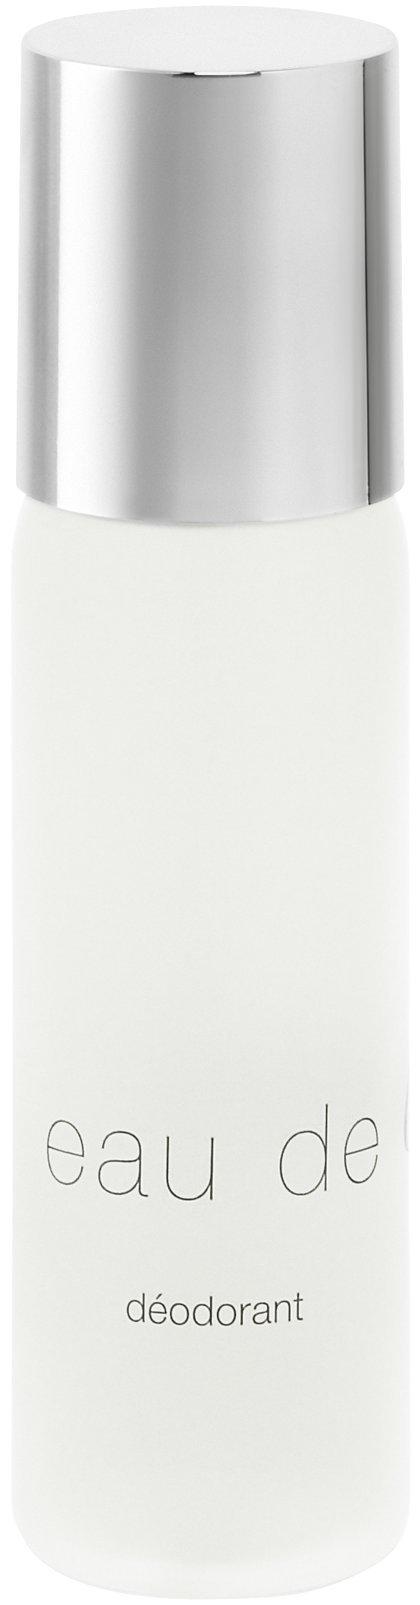 Cartier Eau de Cartier deo spray unisex 3.3 oz